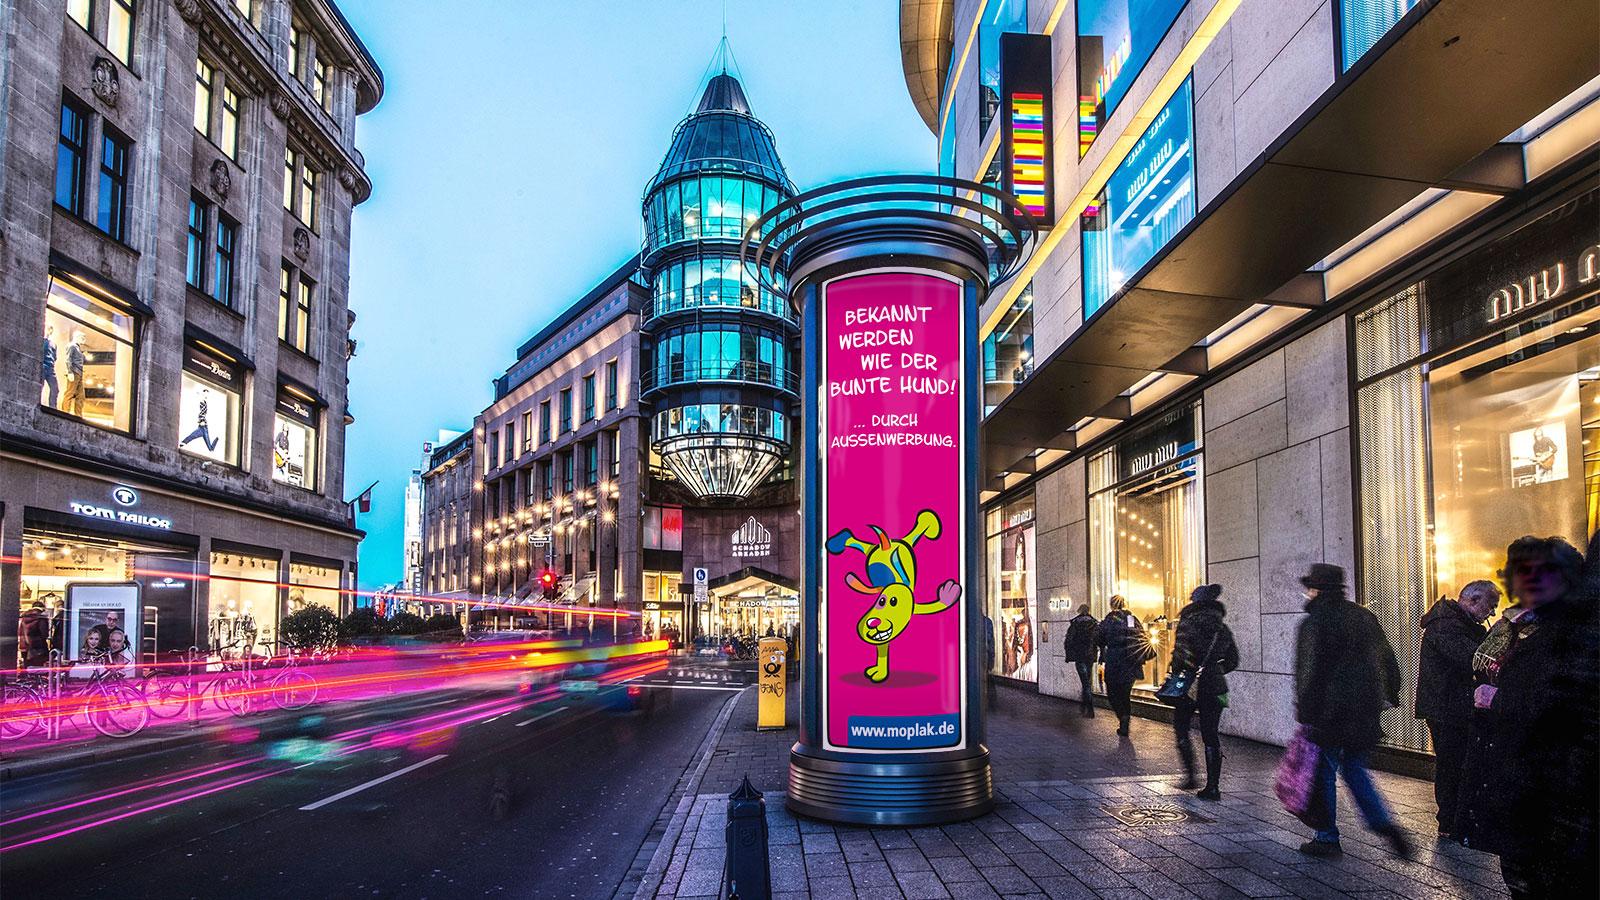 Wuppertal-Aussenwerbung-Litfasssaeule-Werbung